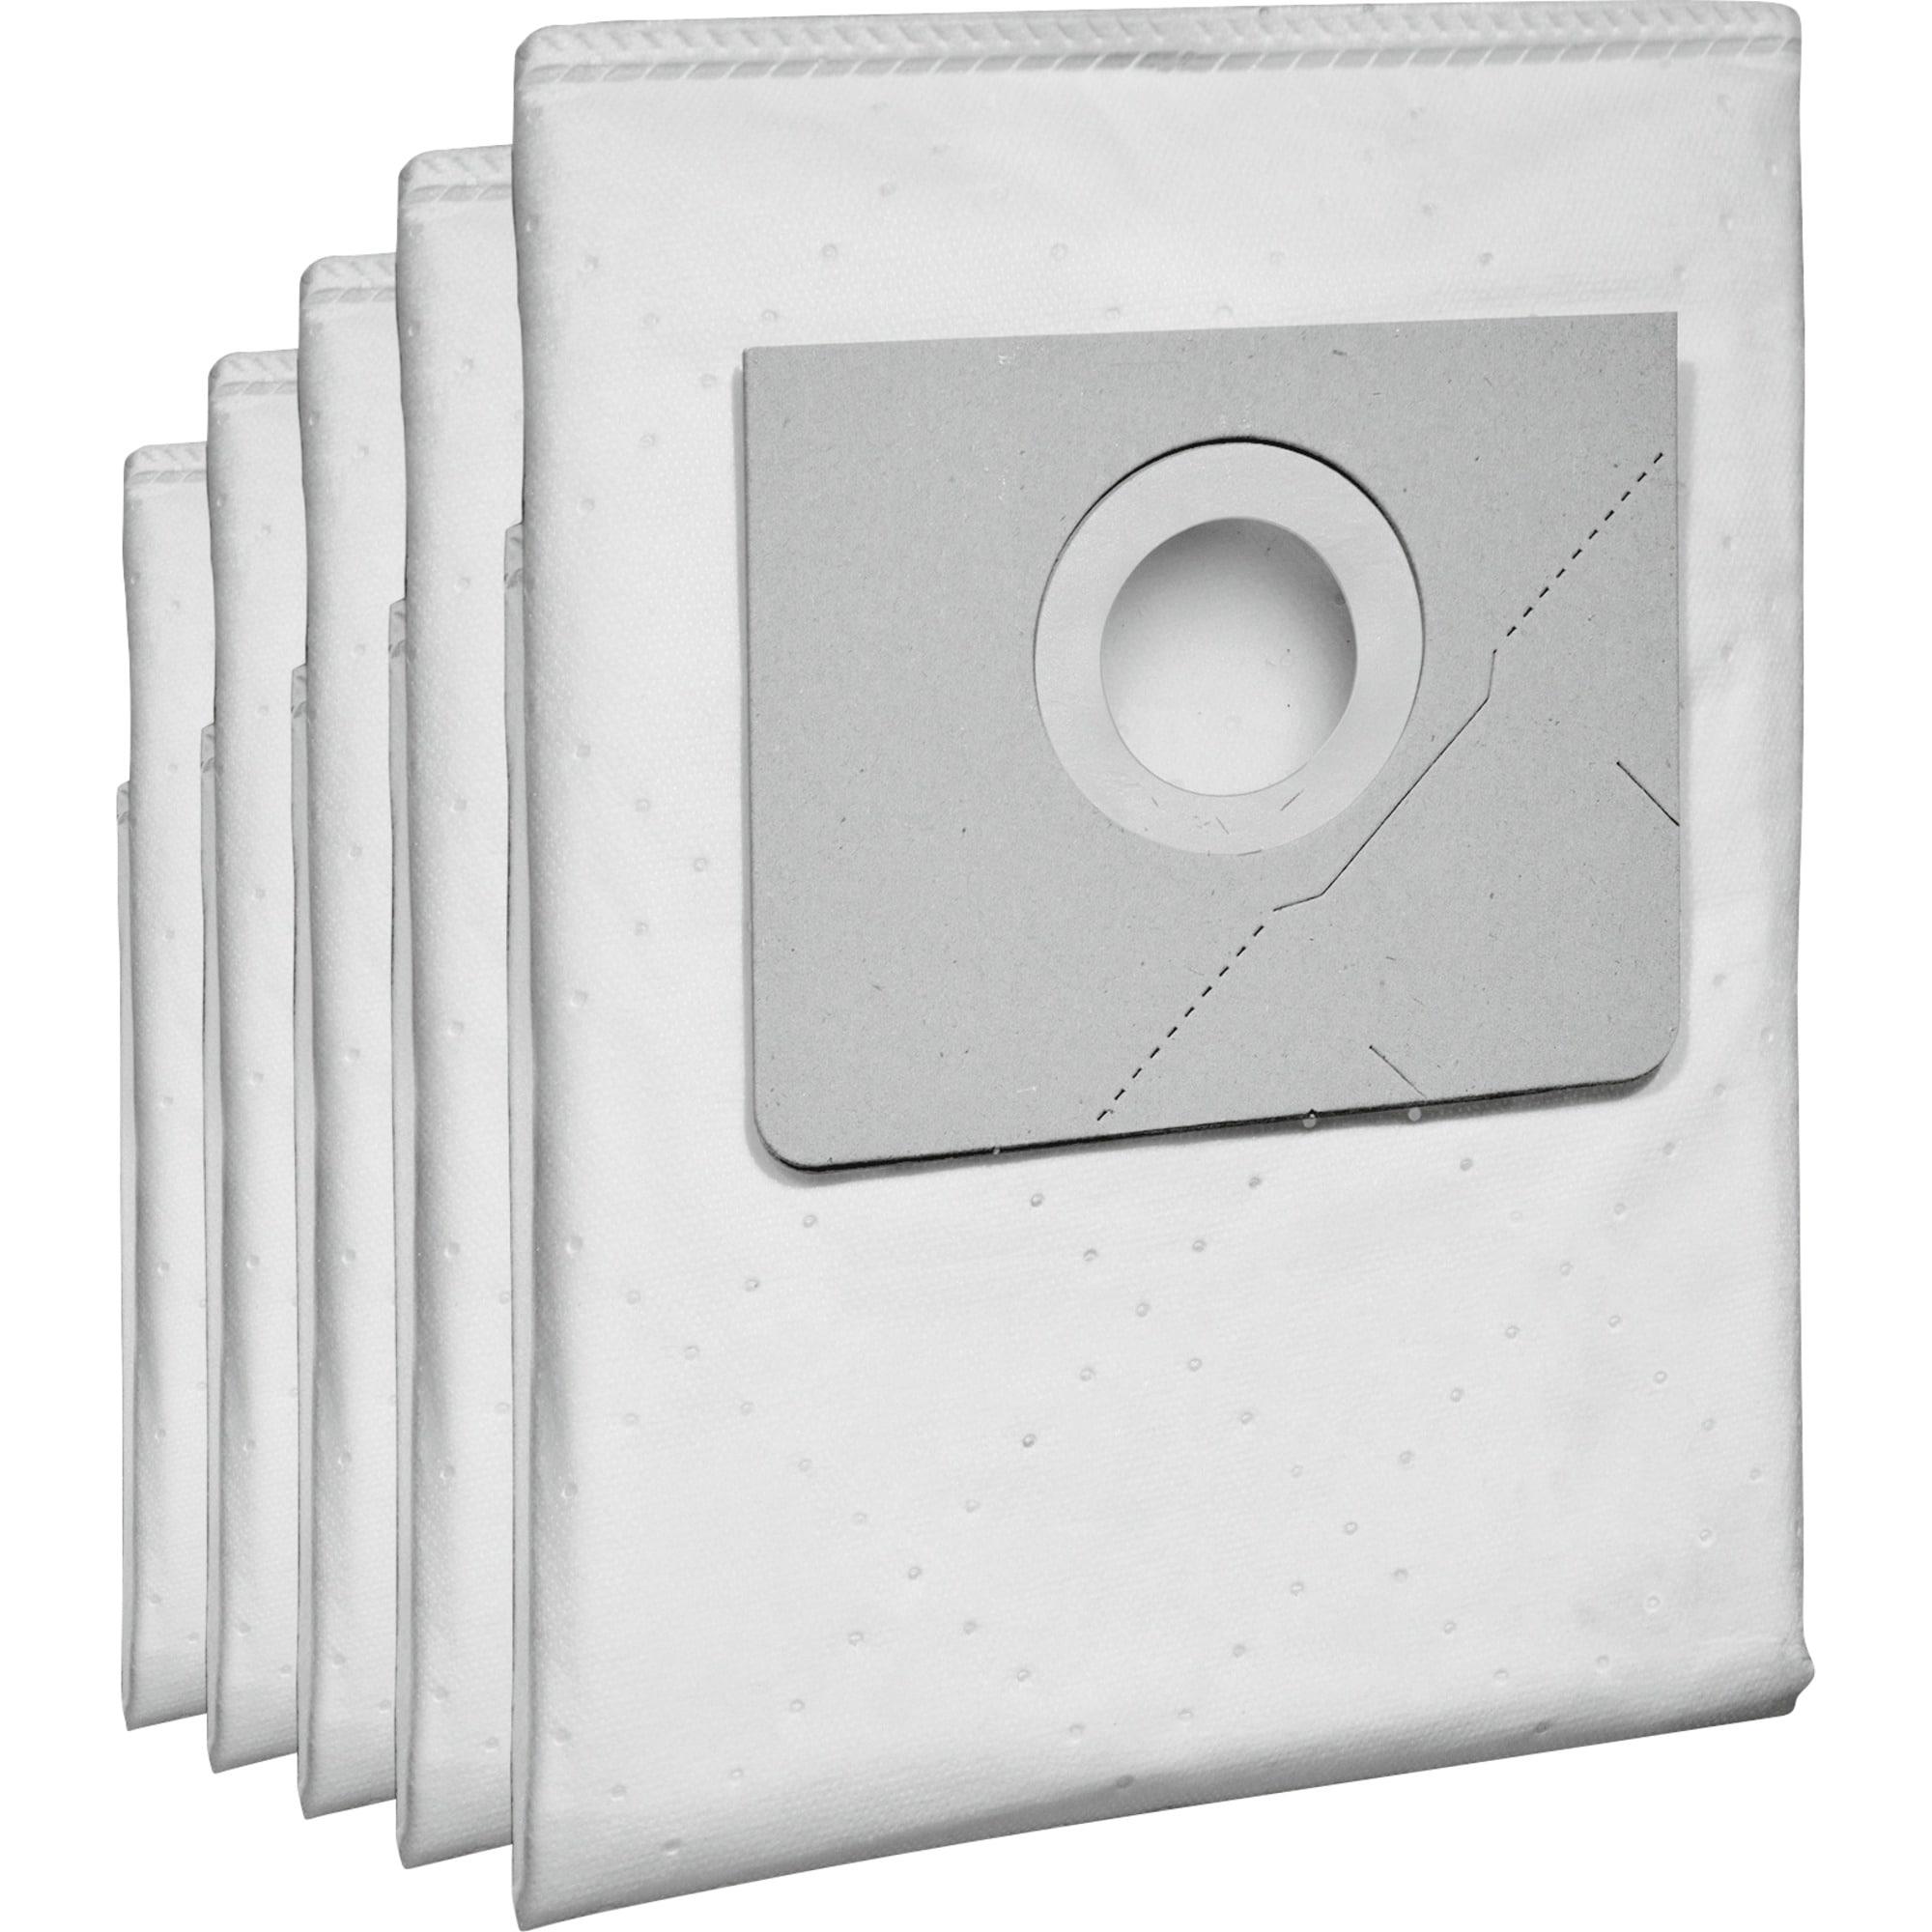 Kärcher Staubsaugerbeutel Filtertüte 6.907-469.0 Vlies, 5 Stück